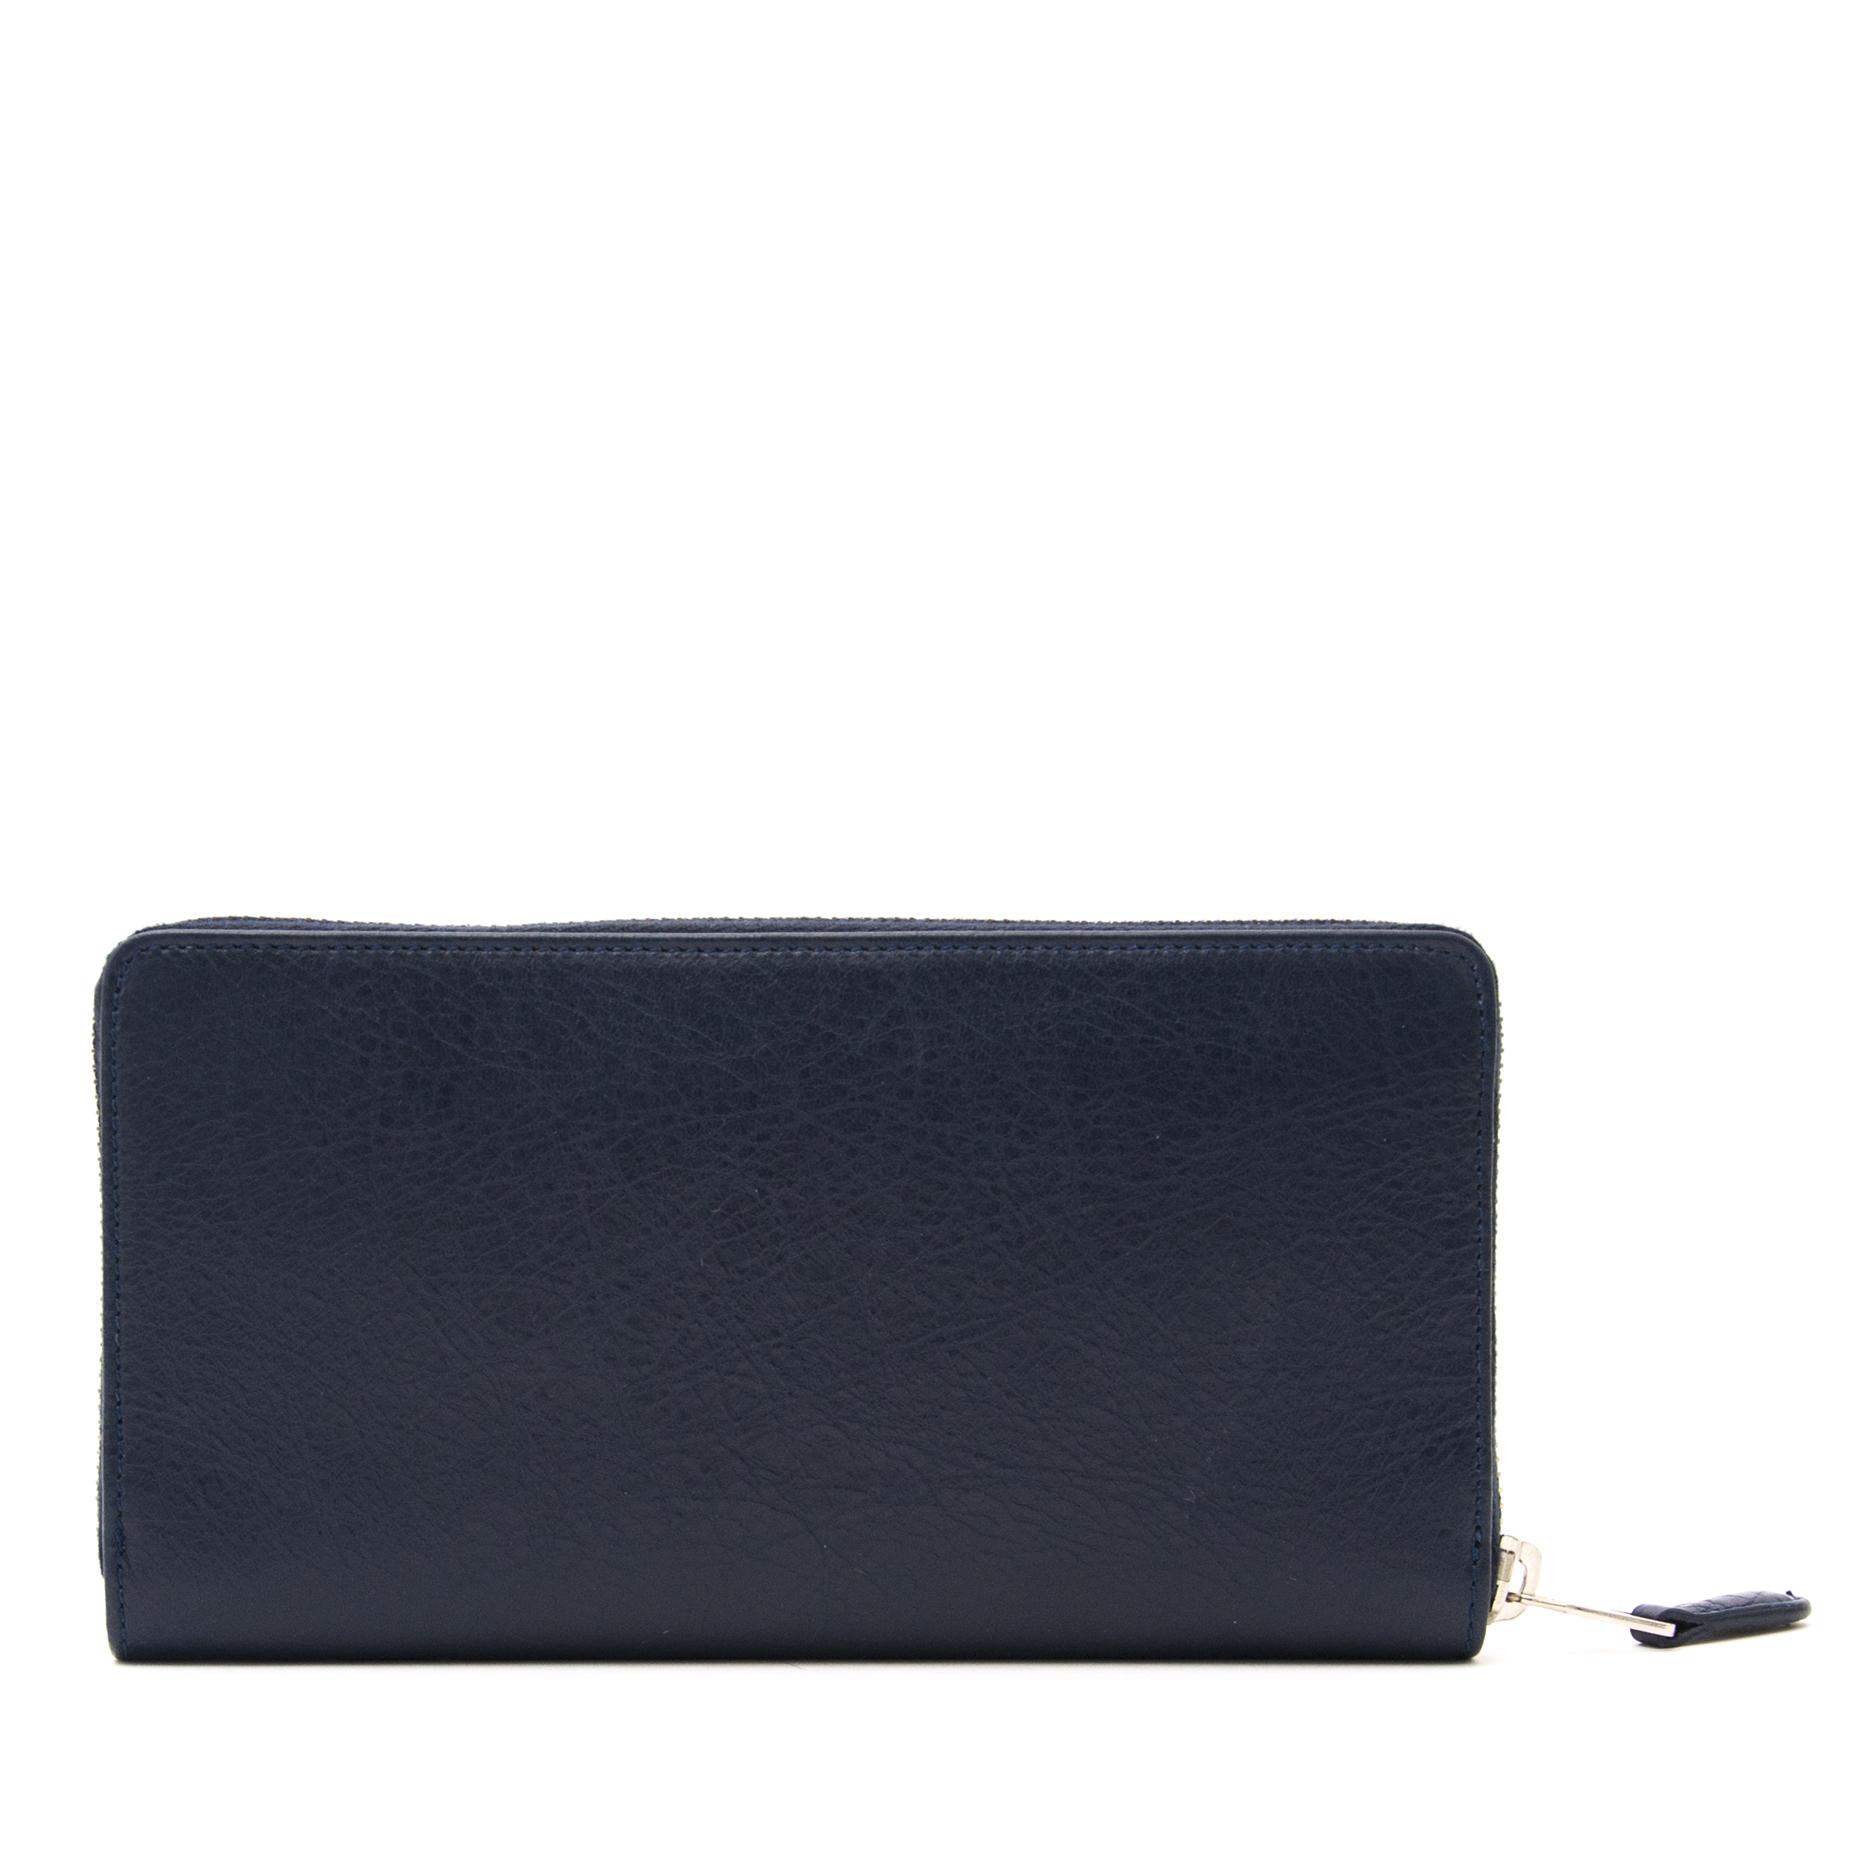 acheter en ligne pour le meilleur prix Balenciaga Dark Blue  Giant Silver Money Wallet